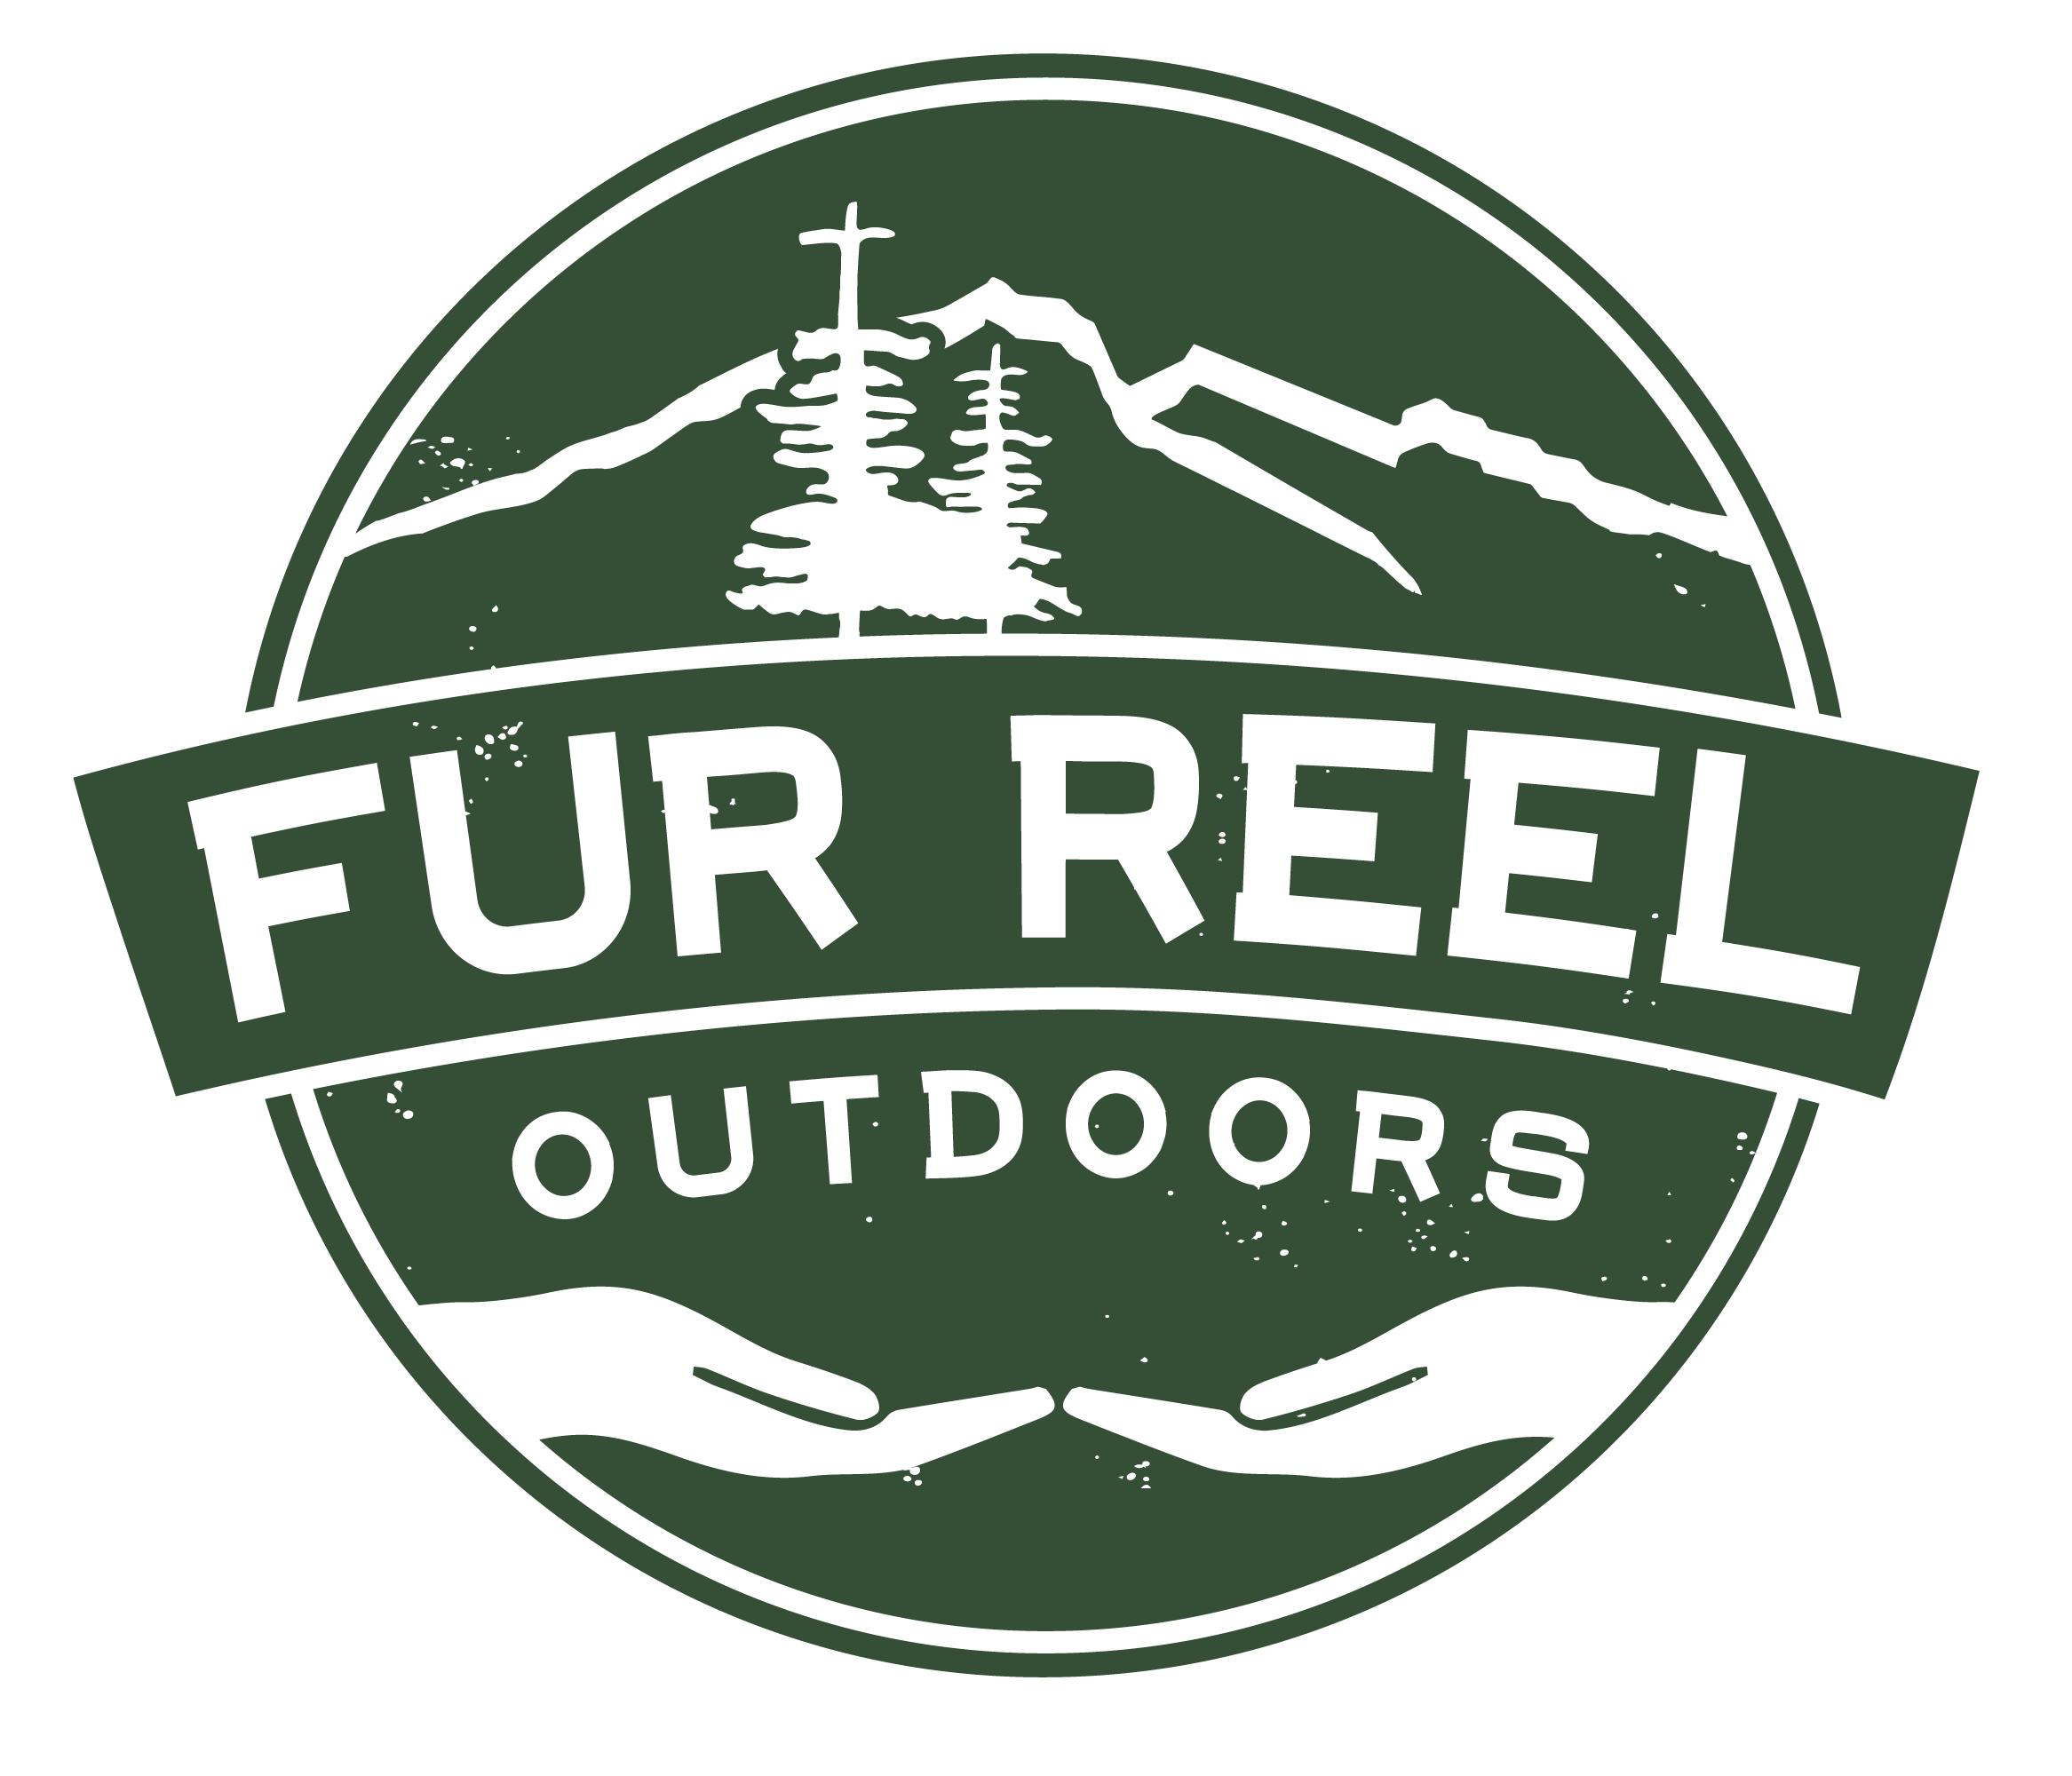 Fur Reel Outdoors